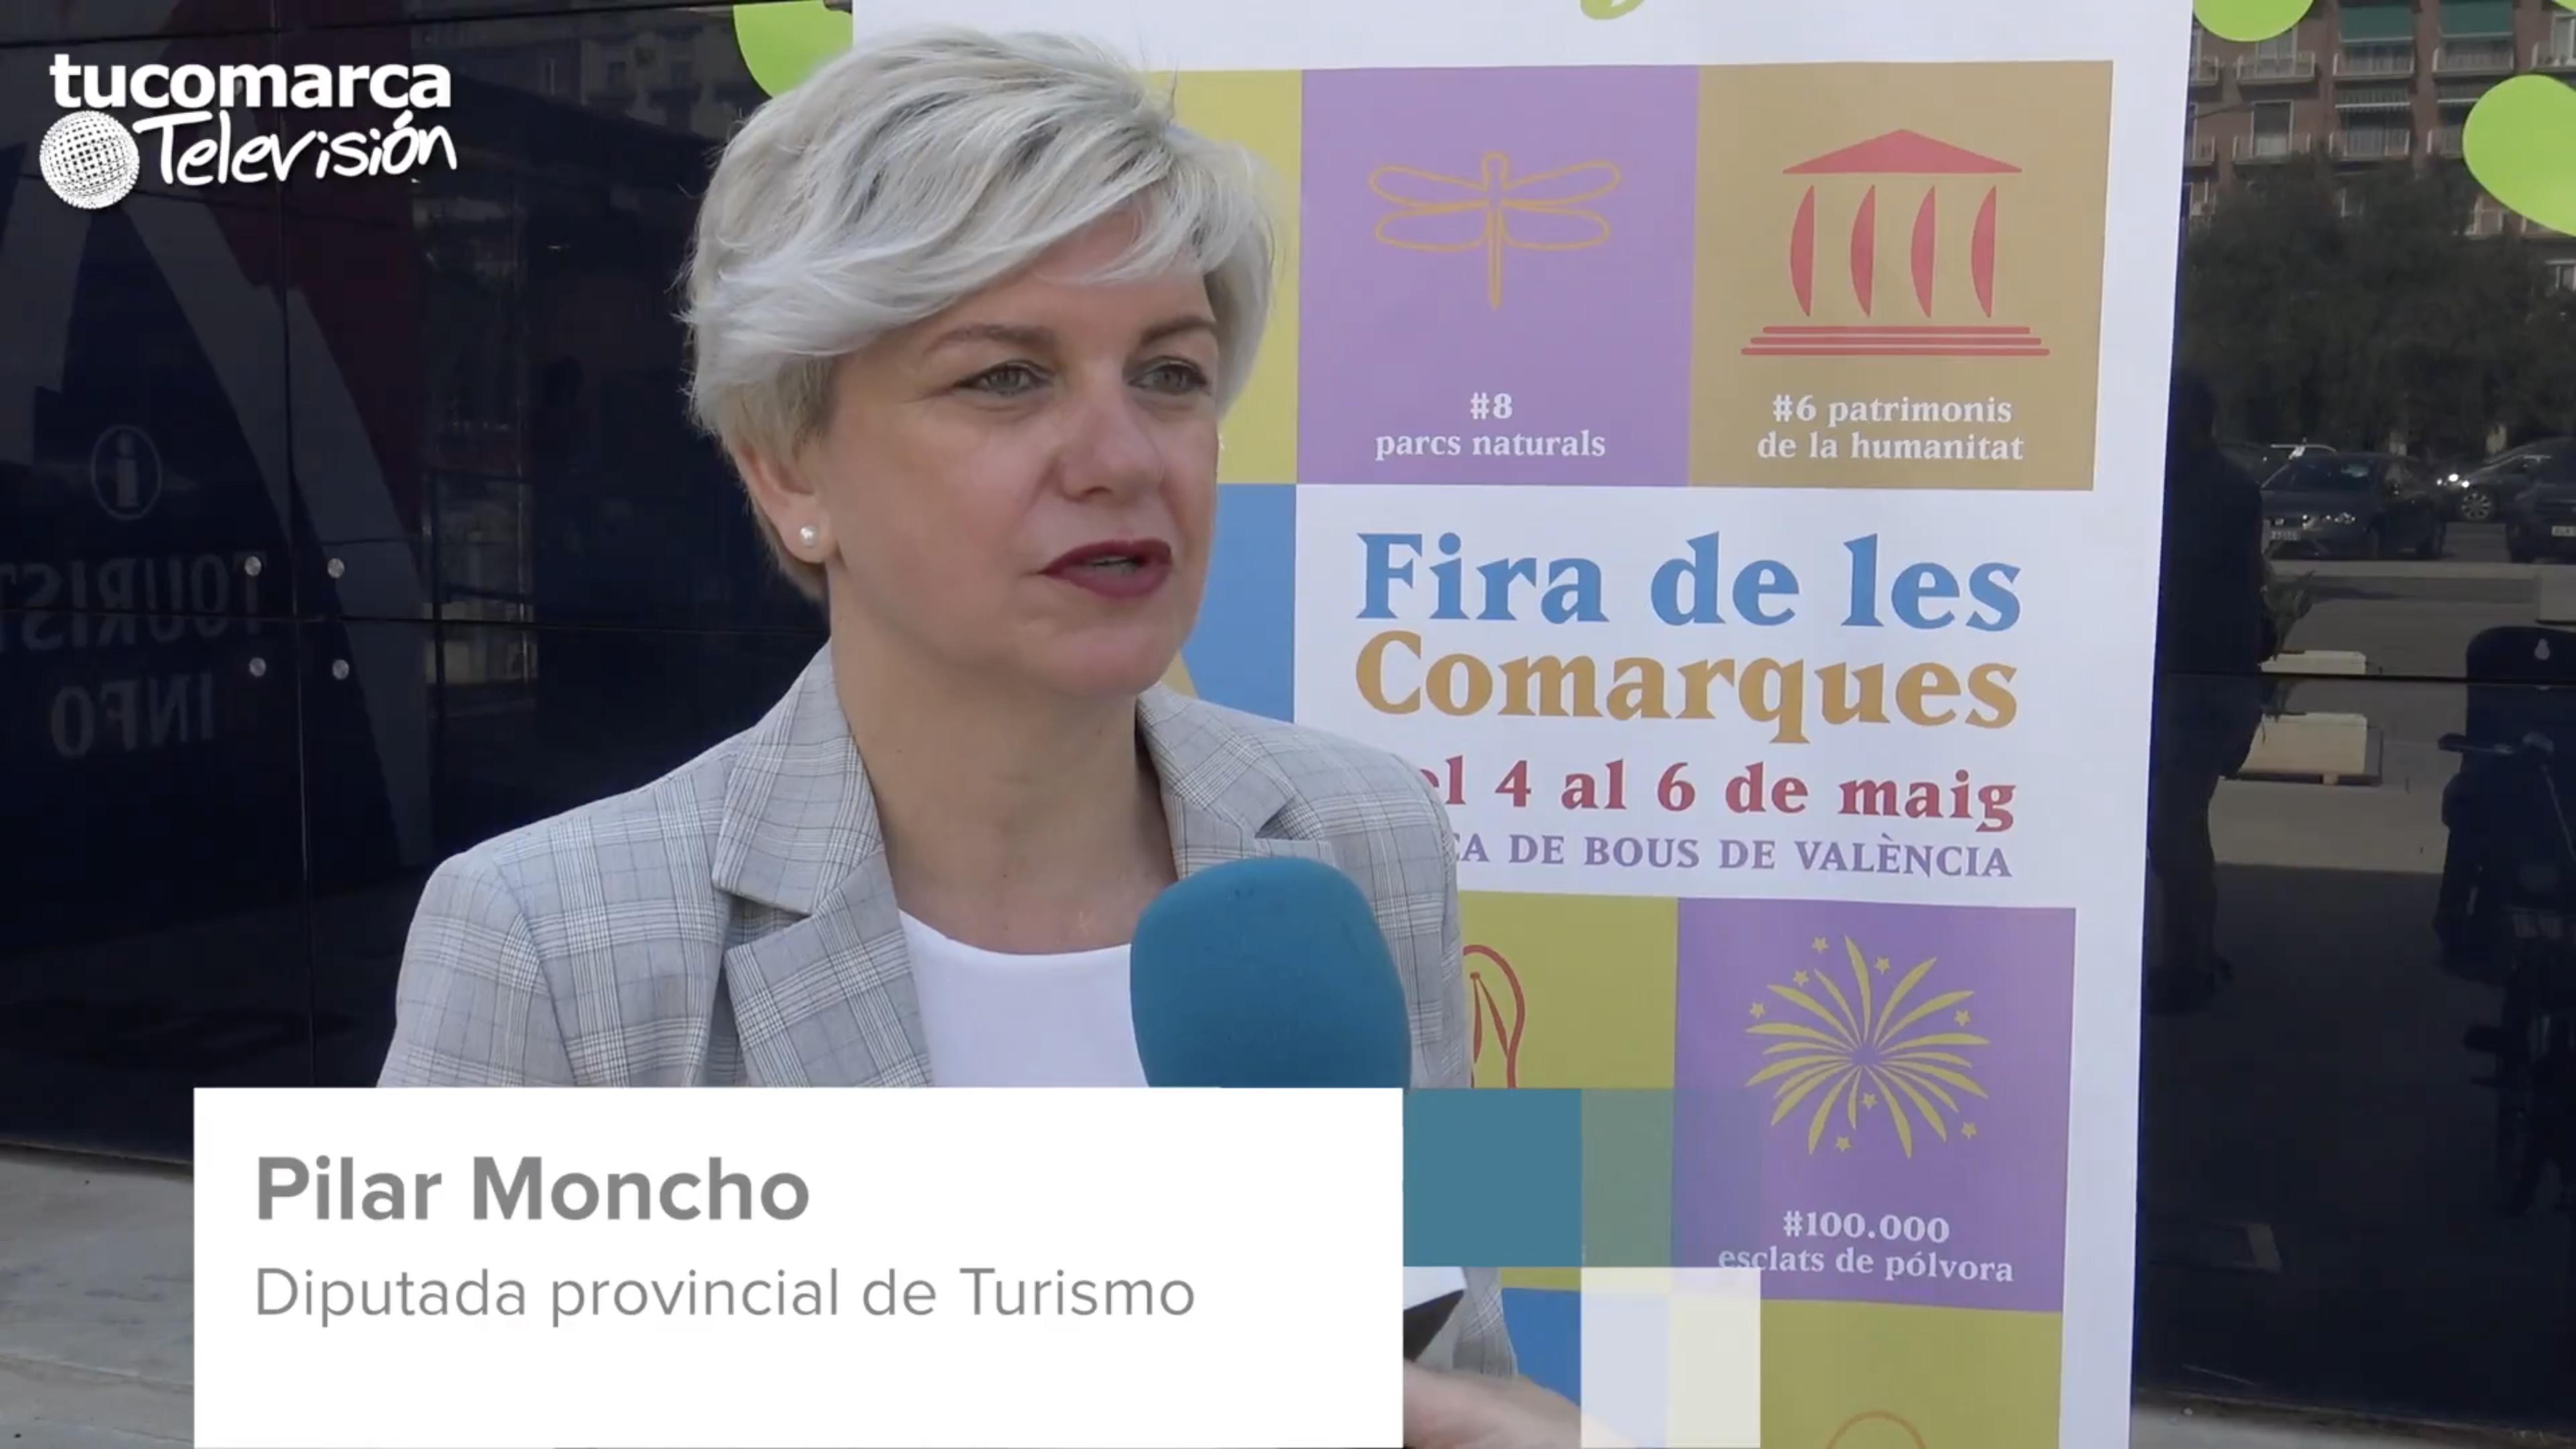 La diputada provincial de Turismo, Pilar Moncho, durante la entrevista realizada por tucomarca televisión.